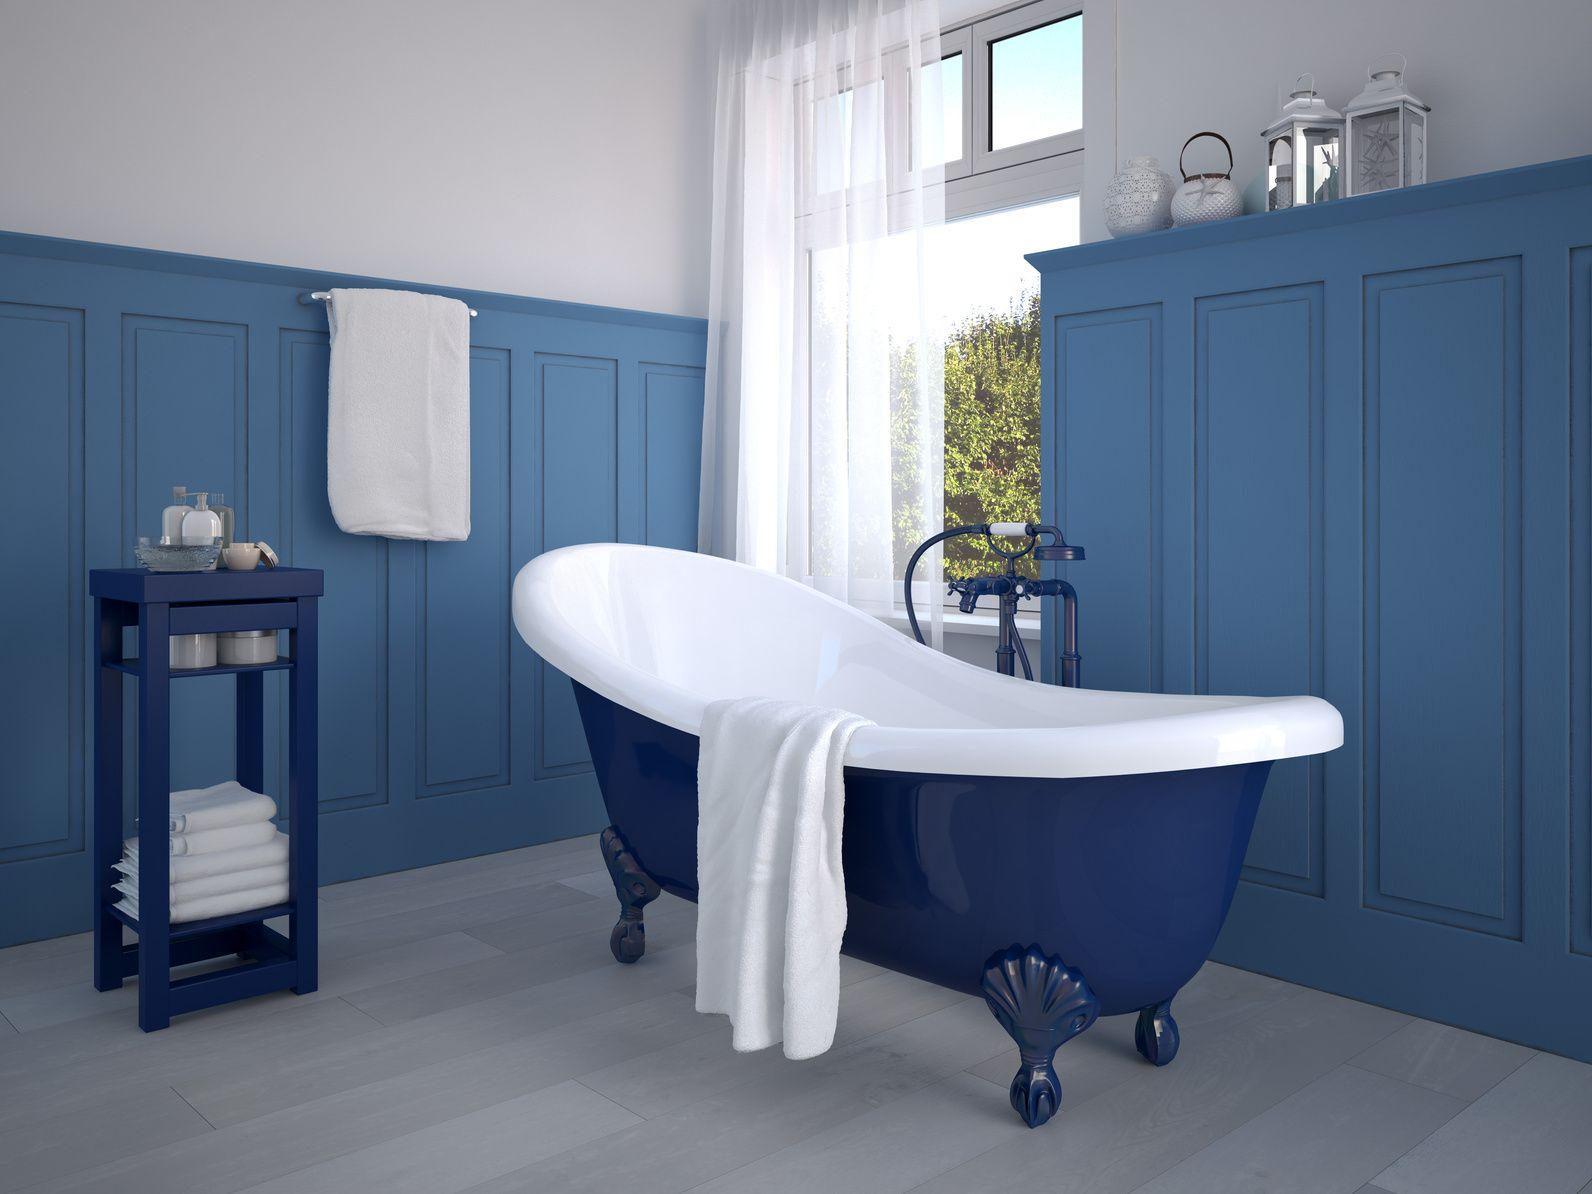 Comment d corer sa salle de bain pas cher le guide ultime comment - Comment blanchir sa baignoire ...